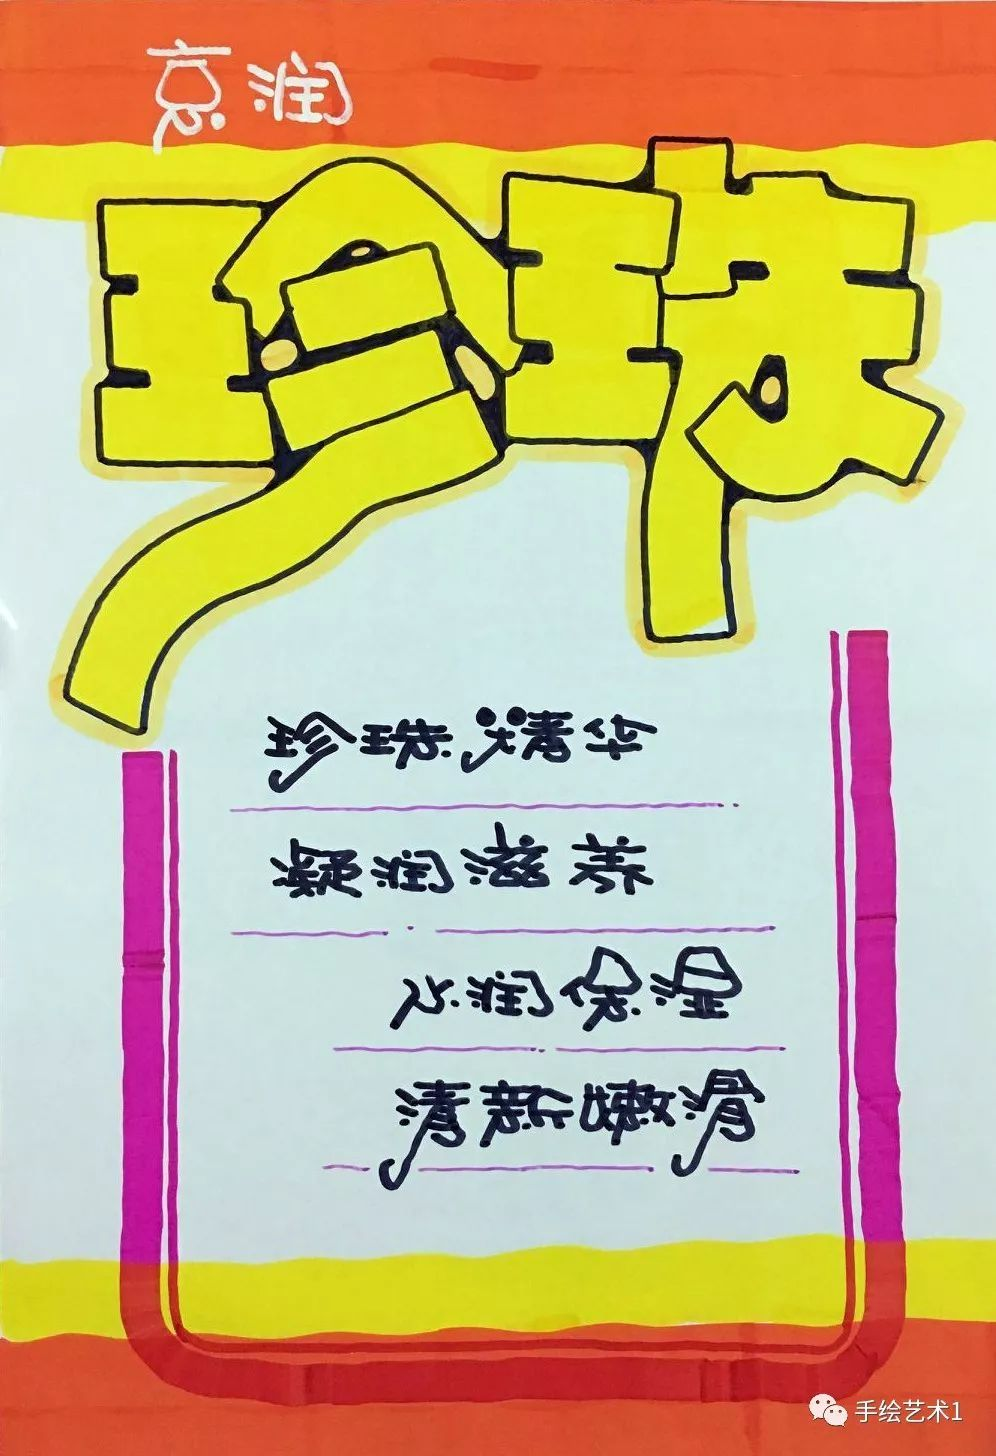 【手绘pop作品】分享昨晚绘制门店最常用最简单的海报